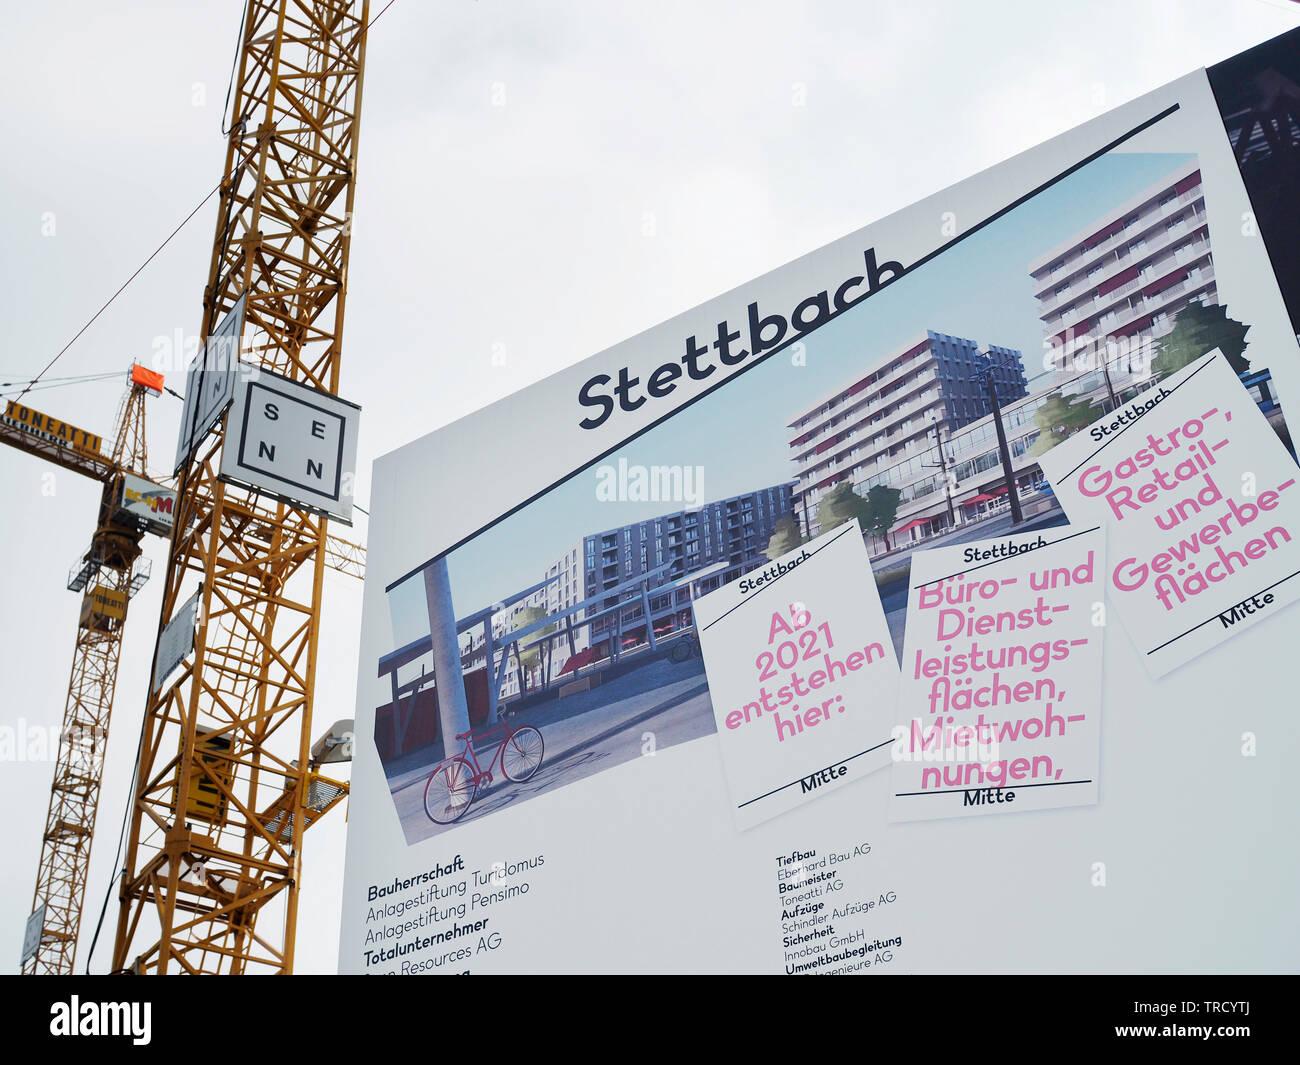 Baustelle Stettbach Mitte beim Bahnhof Stettbach, Zürich, Schweiz - Stock Image